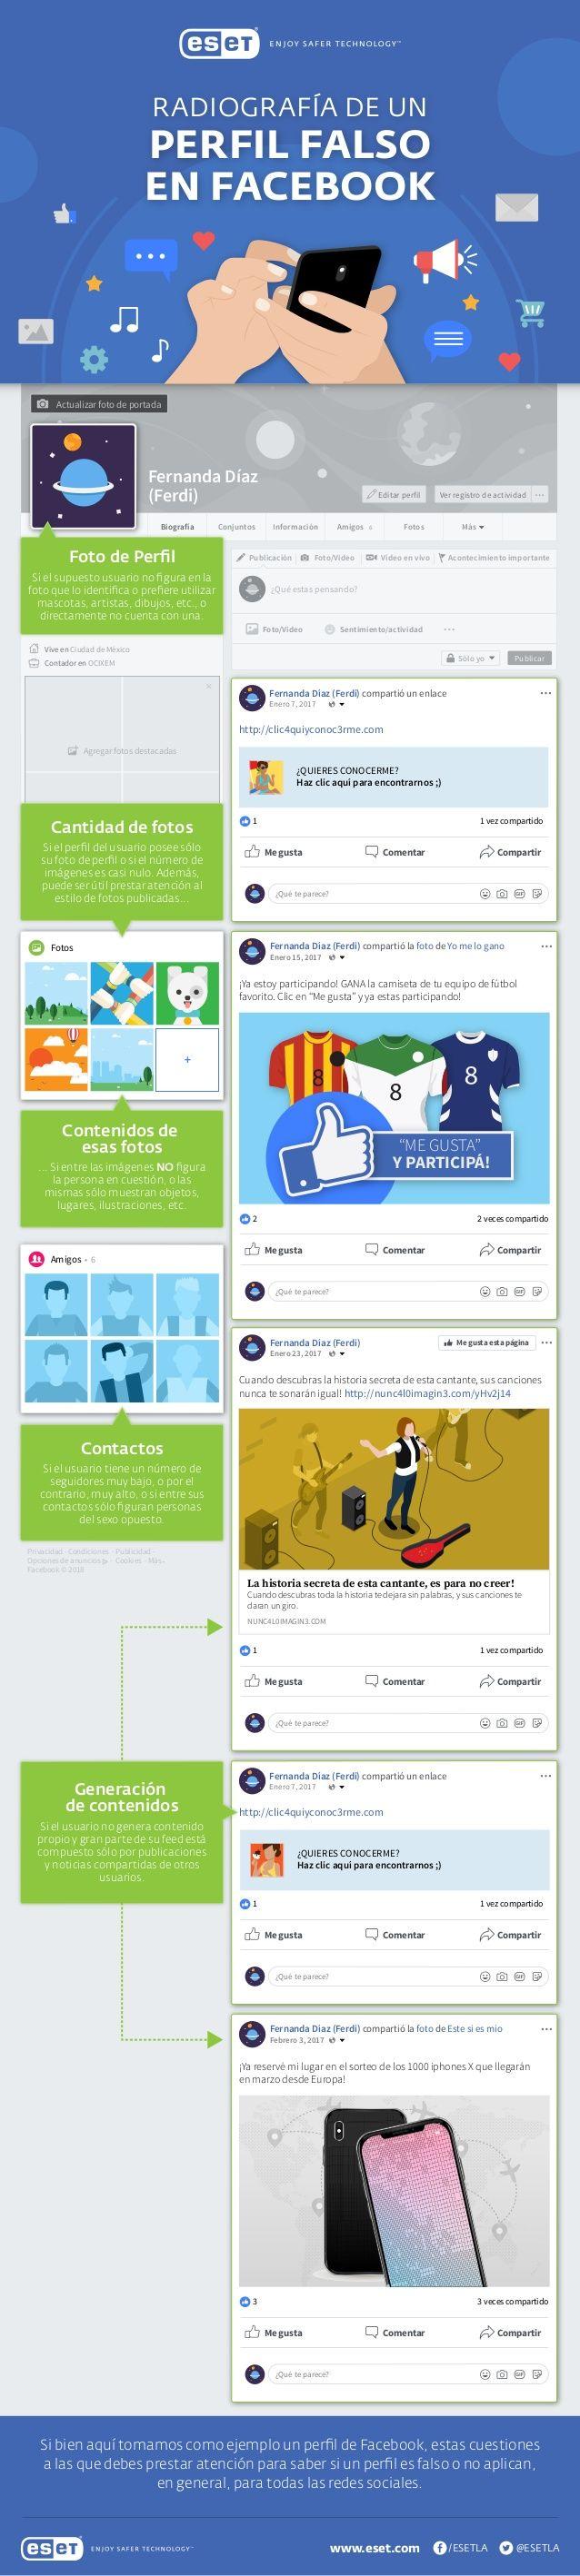 Radiografía de un perfil falso de Facebook #infografia #infographic #socialmedia